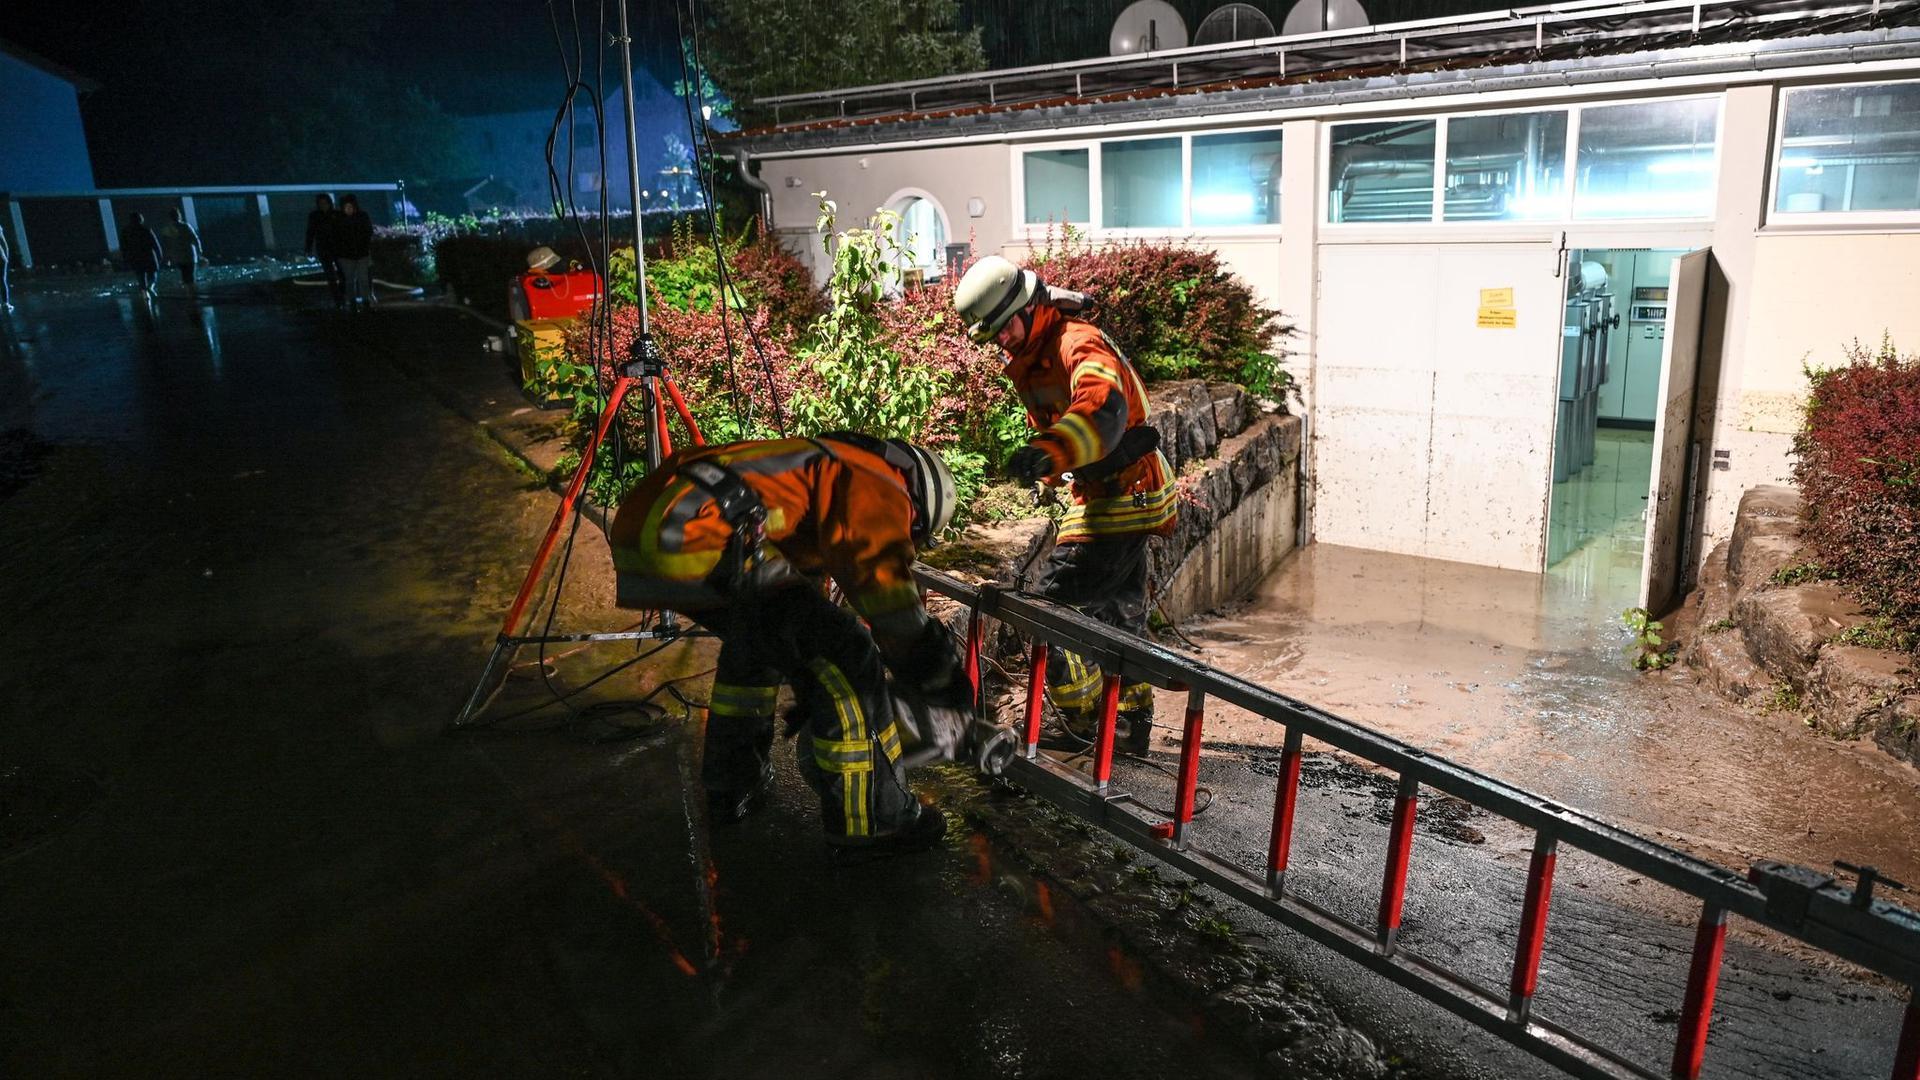 Feuerwehrmänner verlegen einen Schlauch, um einen Keller auszupumpen